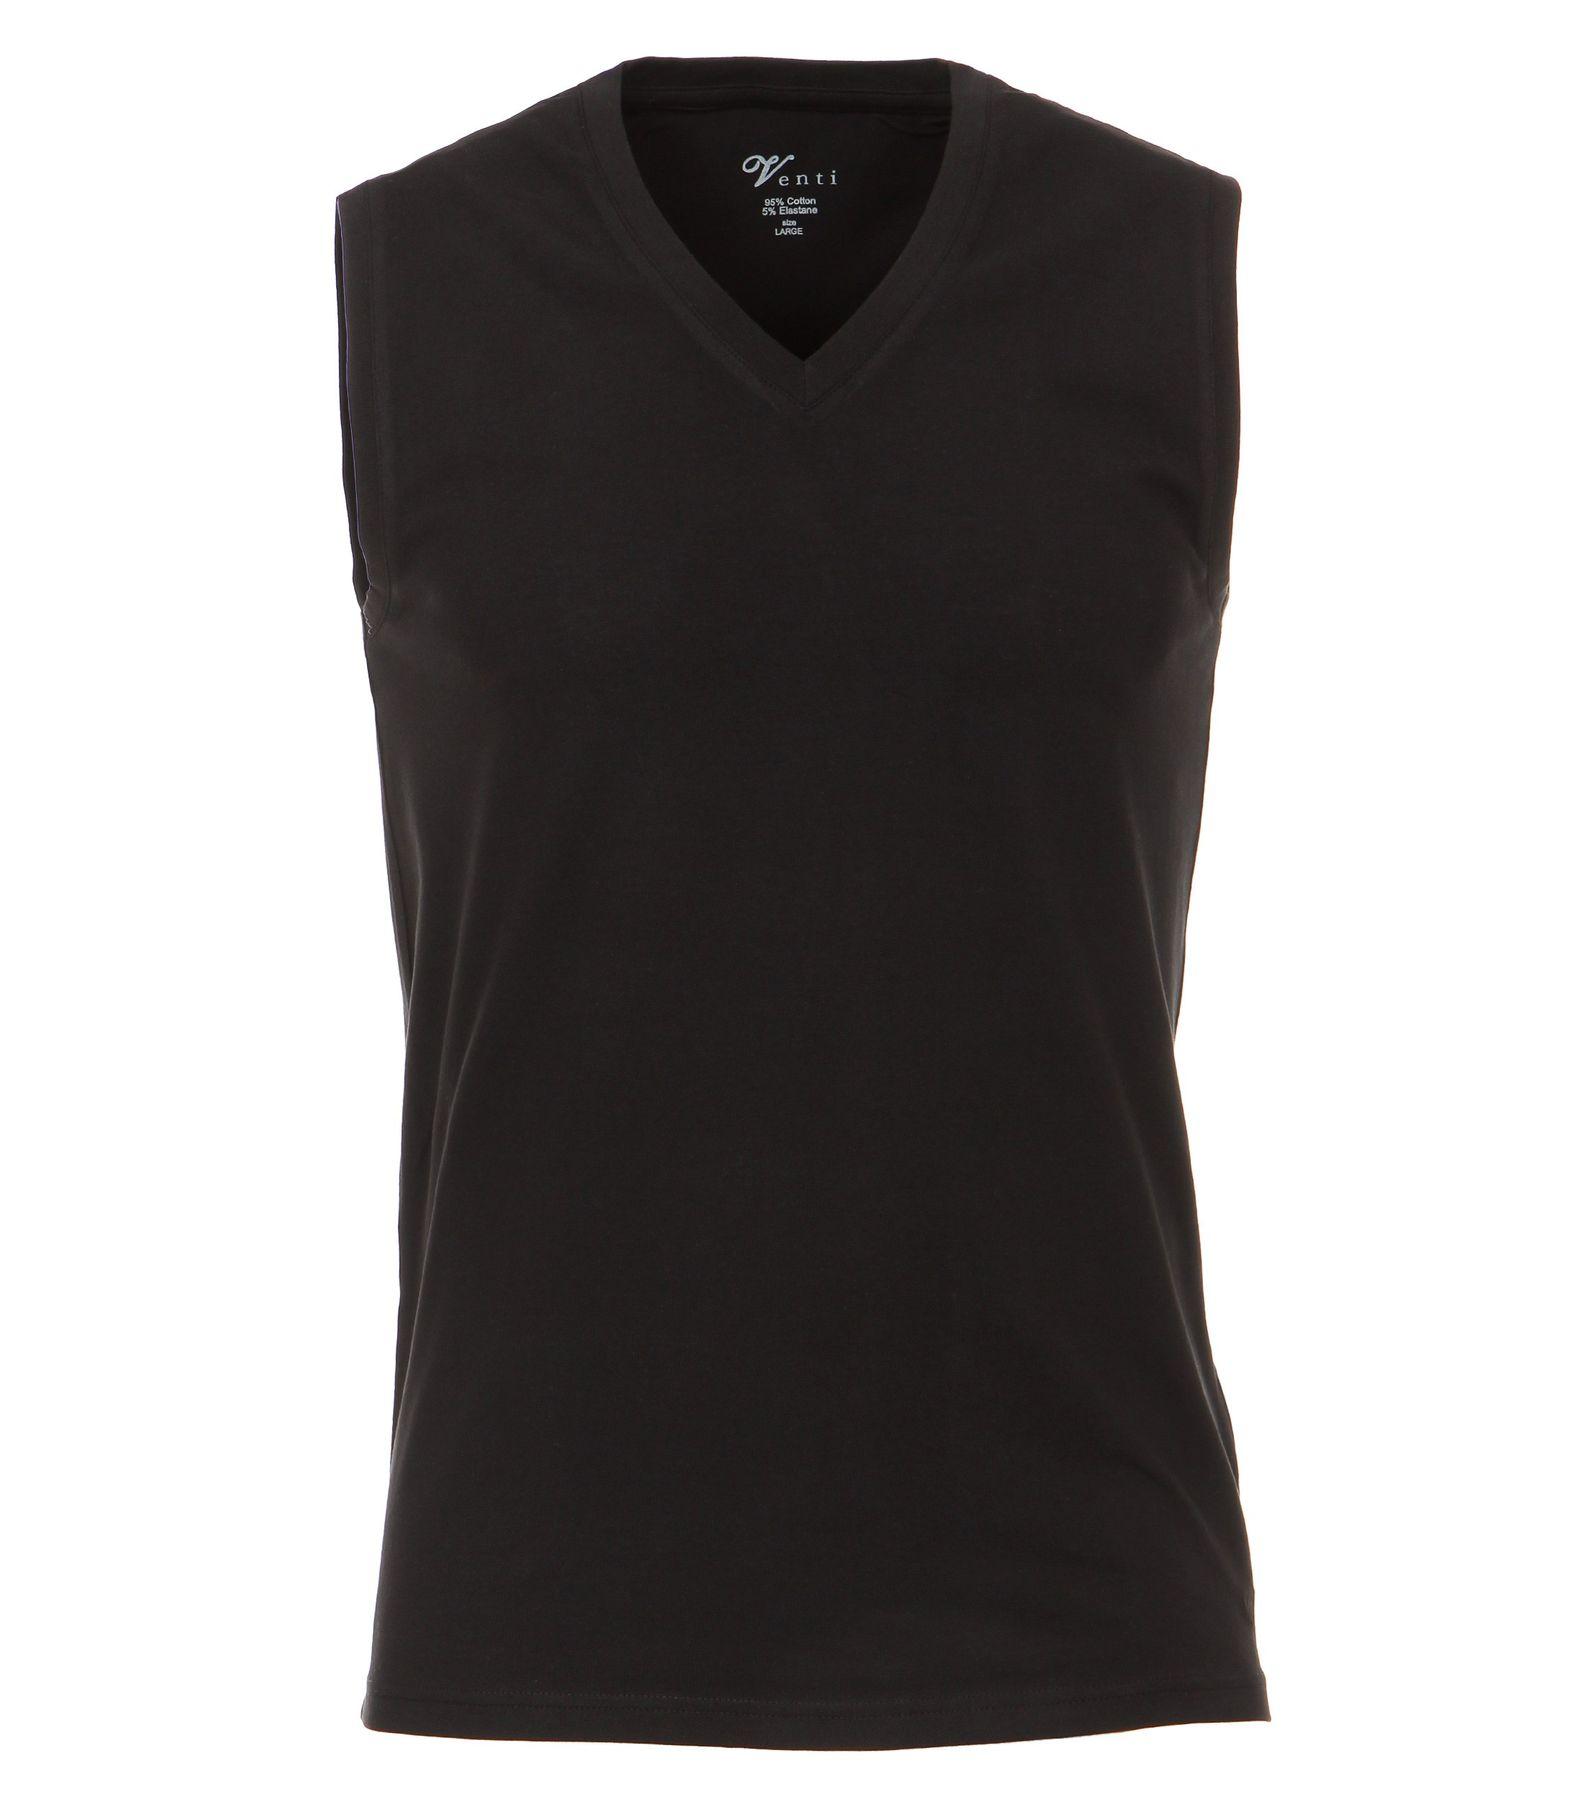 Venti - Slim Fit - Herren Ärmeloses Shirt, V-Auschnitt im 2er Pack, schwarz oder weiß (001760) – Bild 4